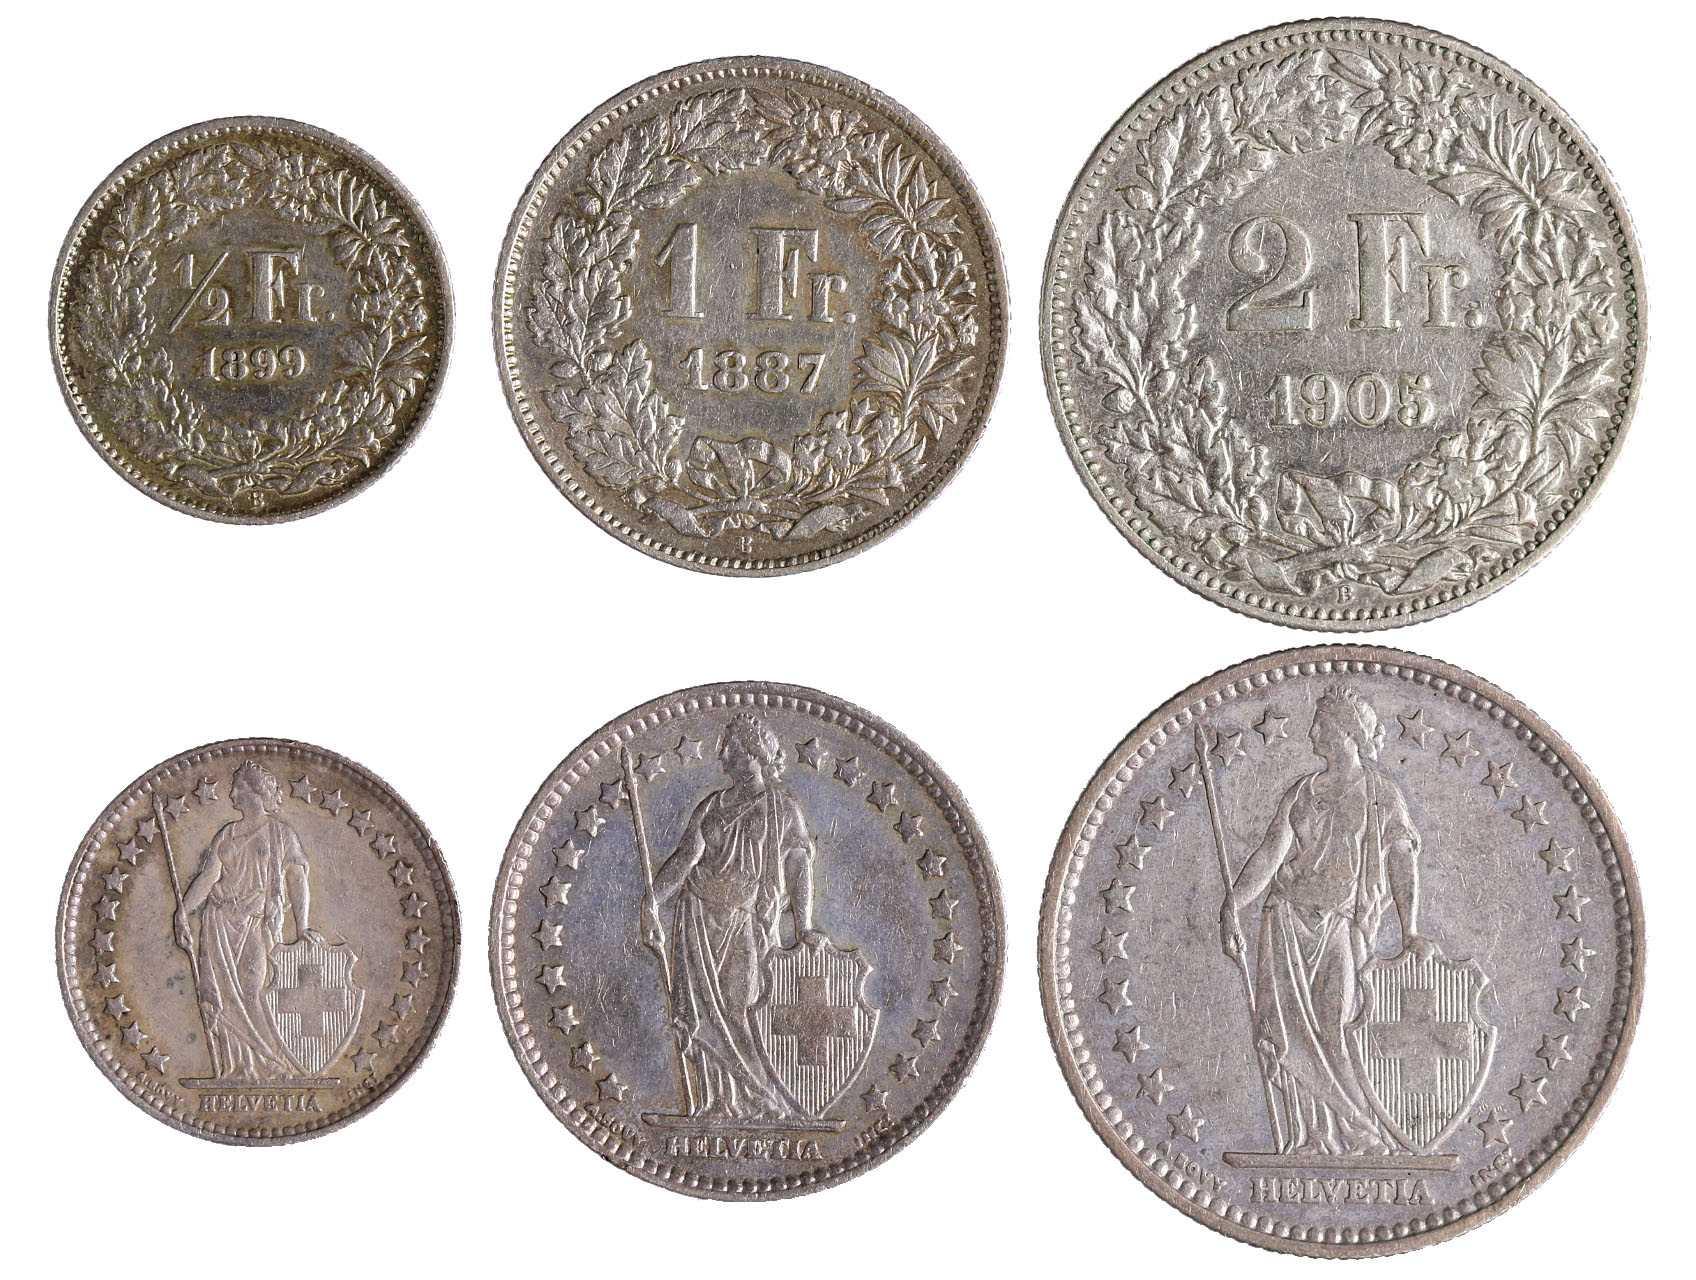 Švýcarsko - 1/2 Frank 1899 B, 1 Frank 1887 B a 2 Franky 1905 B, KM 23, 24, 21, celkem 3 ks.